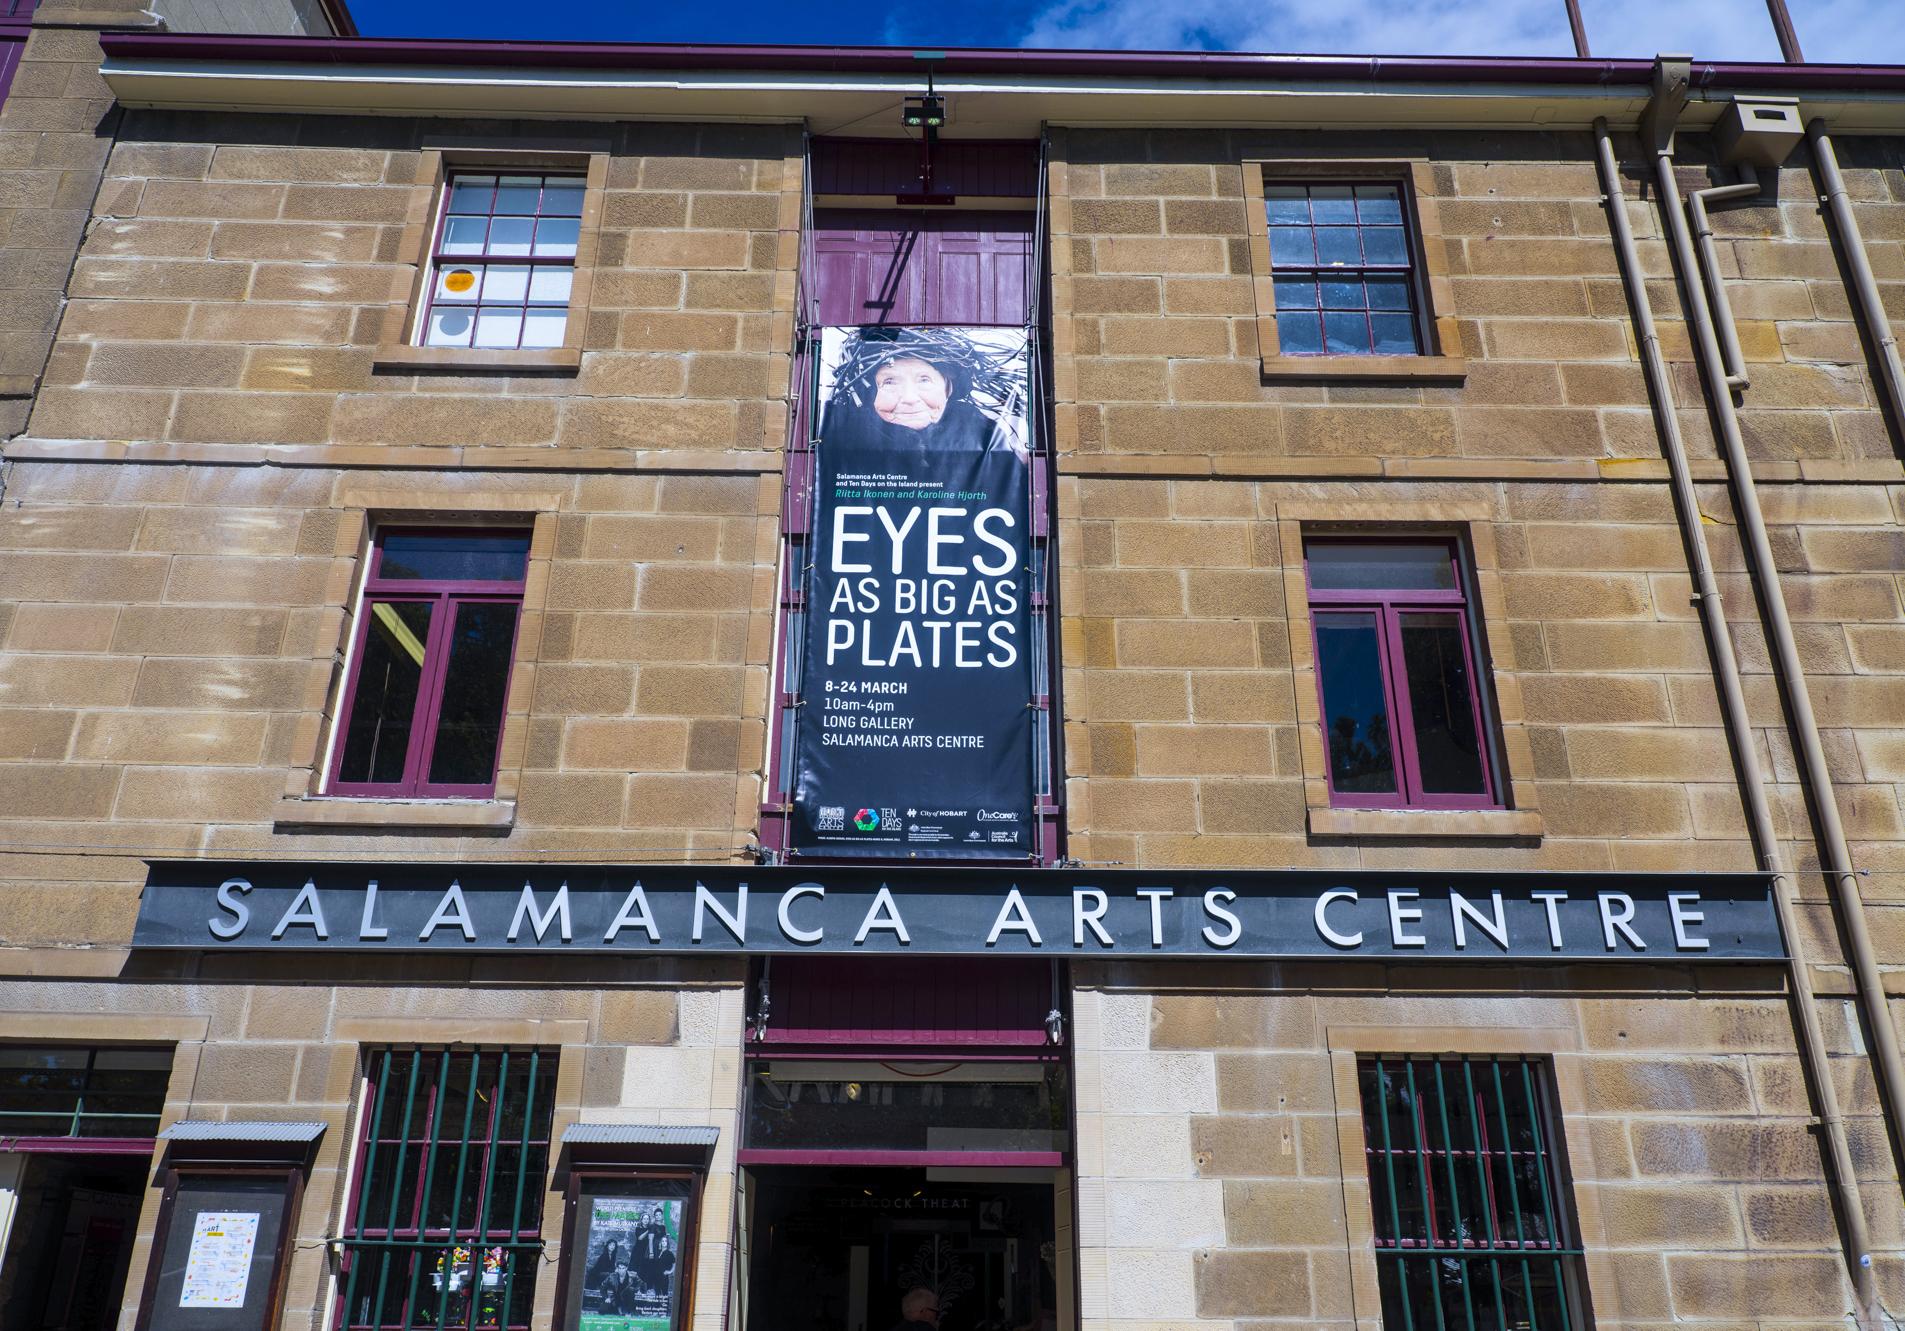 Salamanca Arts Centre, Hobart